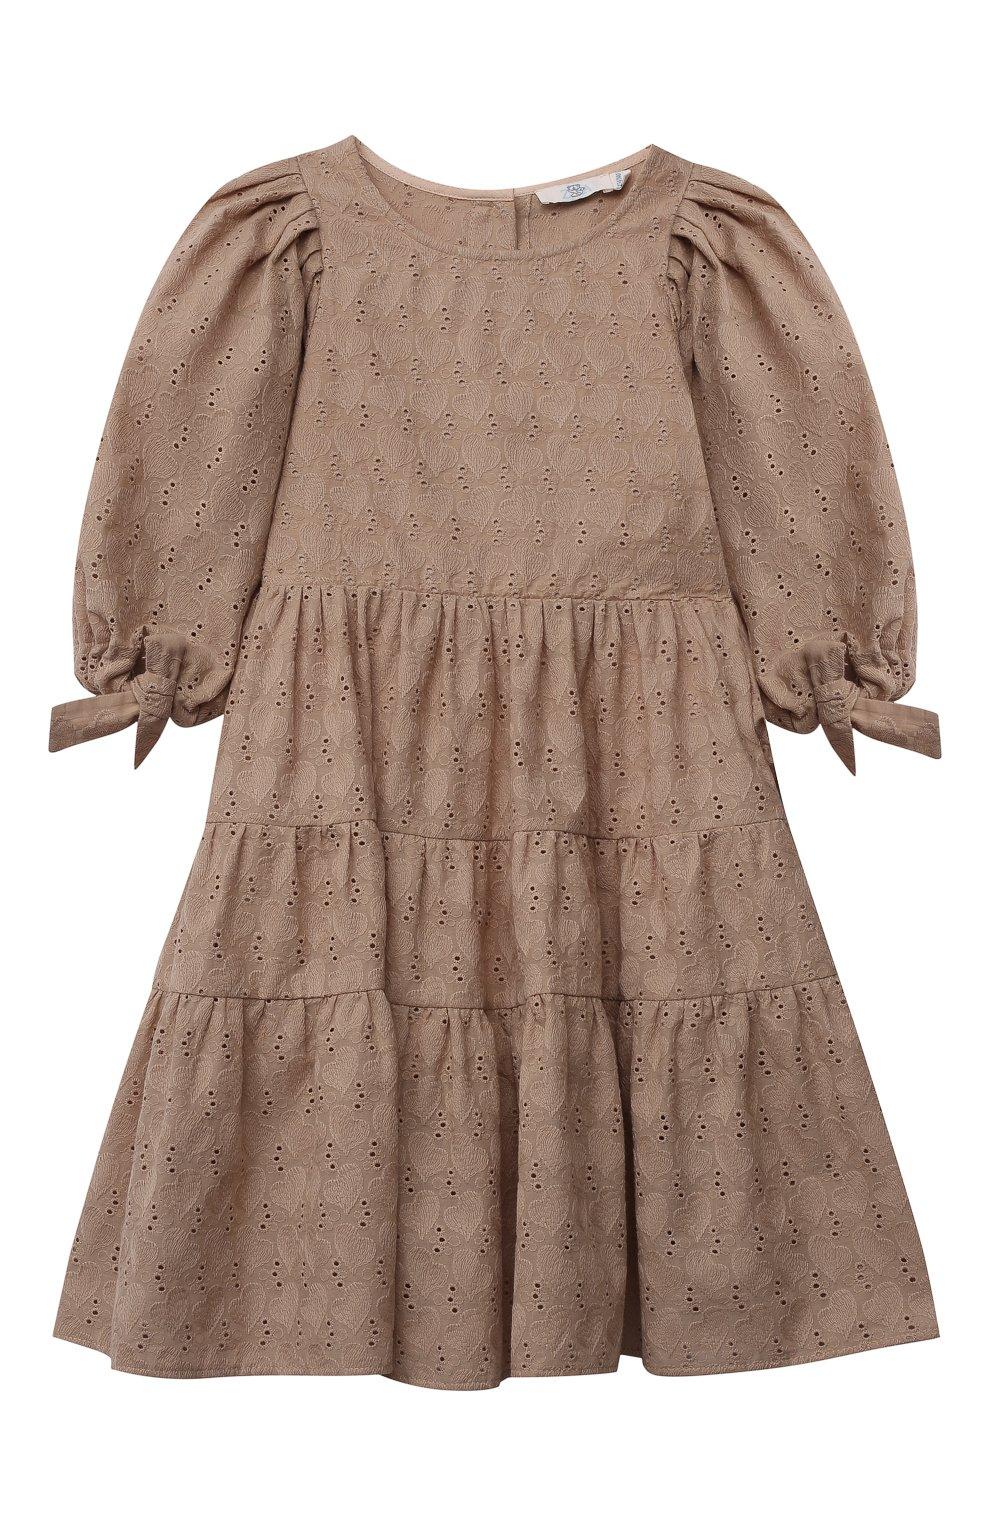 Детское хлопковое платье ZHANNA & ANNA коричневого цвета, арт. ZAB02032021 | Фото 1 (Рукава: Длинные; Случай: Повседневный; Материал внешний: Хлопок; Девочки Кросс-КТ: Платье-одежда; Ростовка одежда: 5 лет | 110 см, 7 лет | 122 см, 9 лет | 134 см, 13 - 15 лет | 158 см, 12 лет | 152 см, 3 года | 98 см)